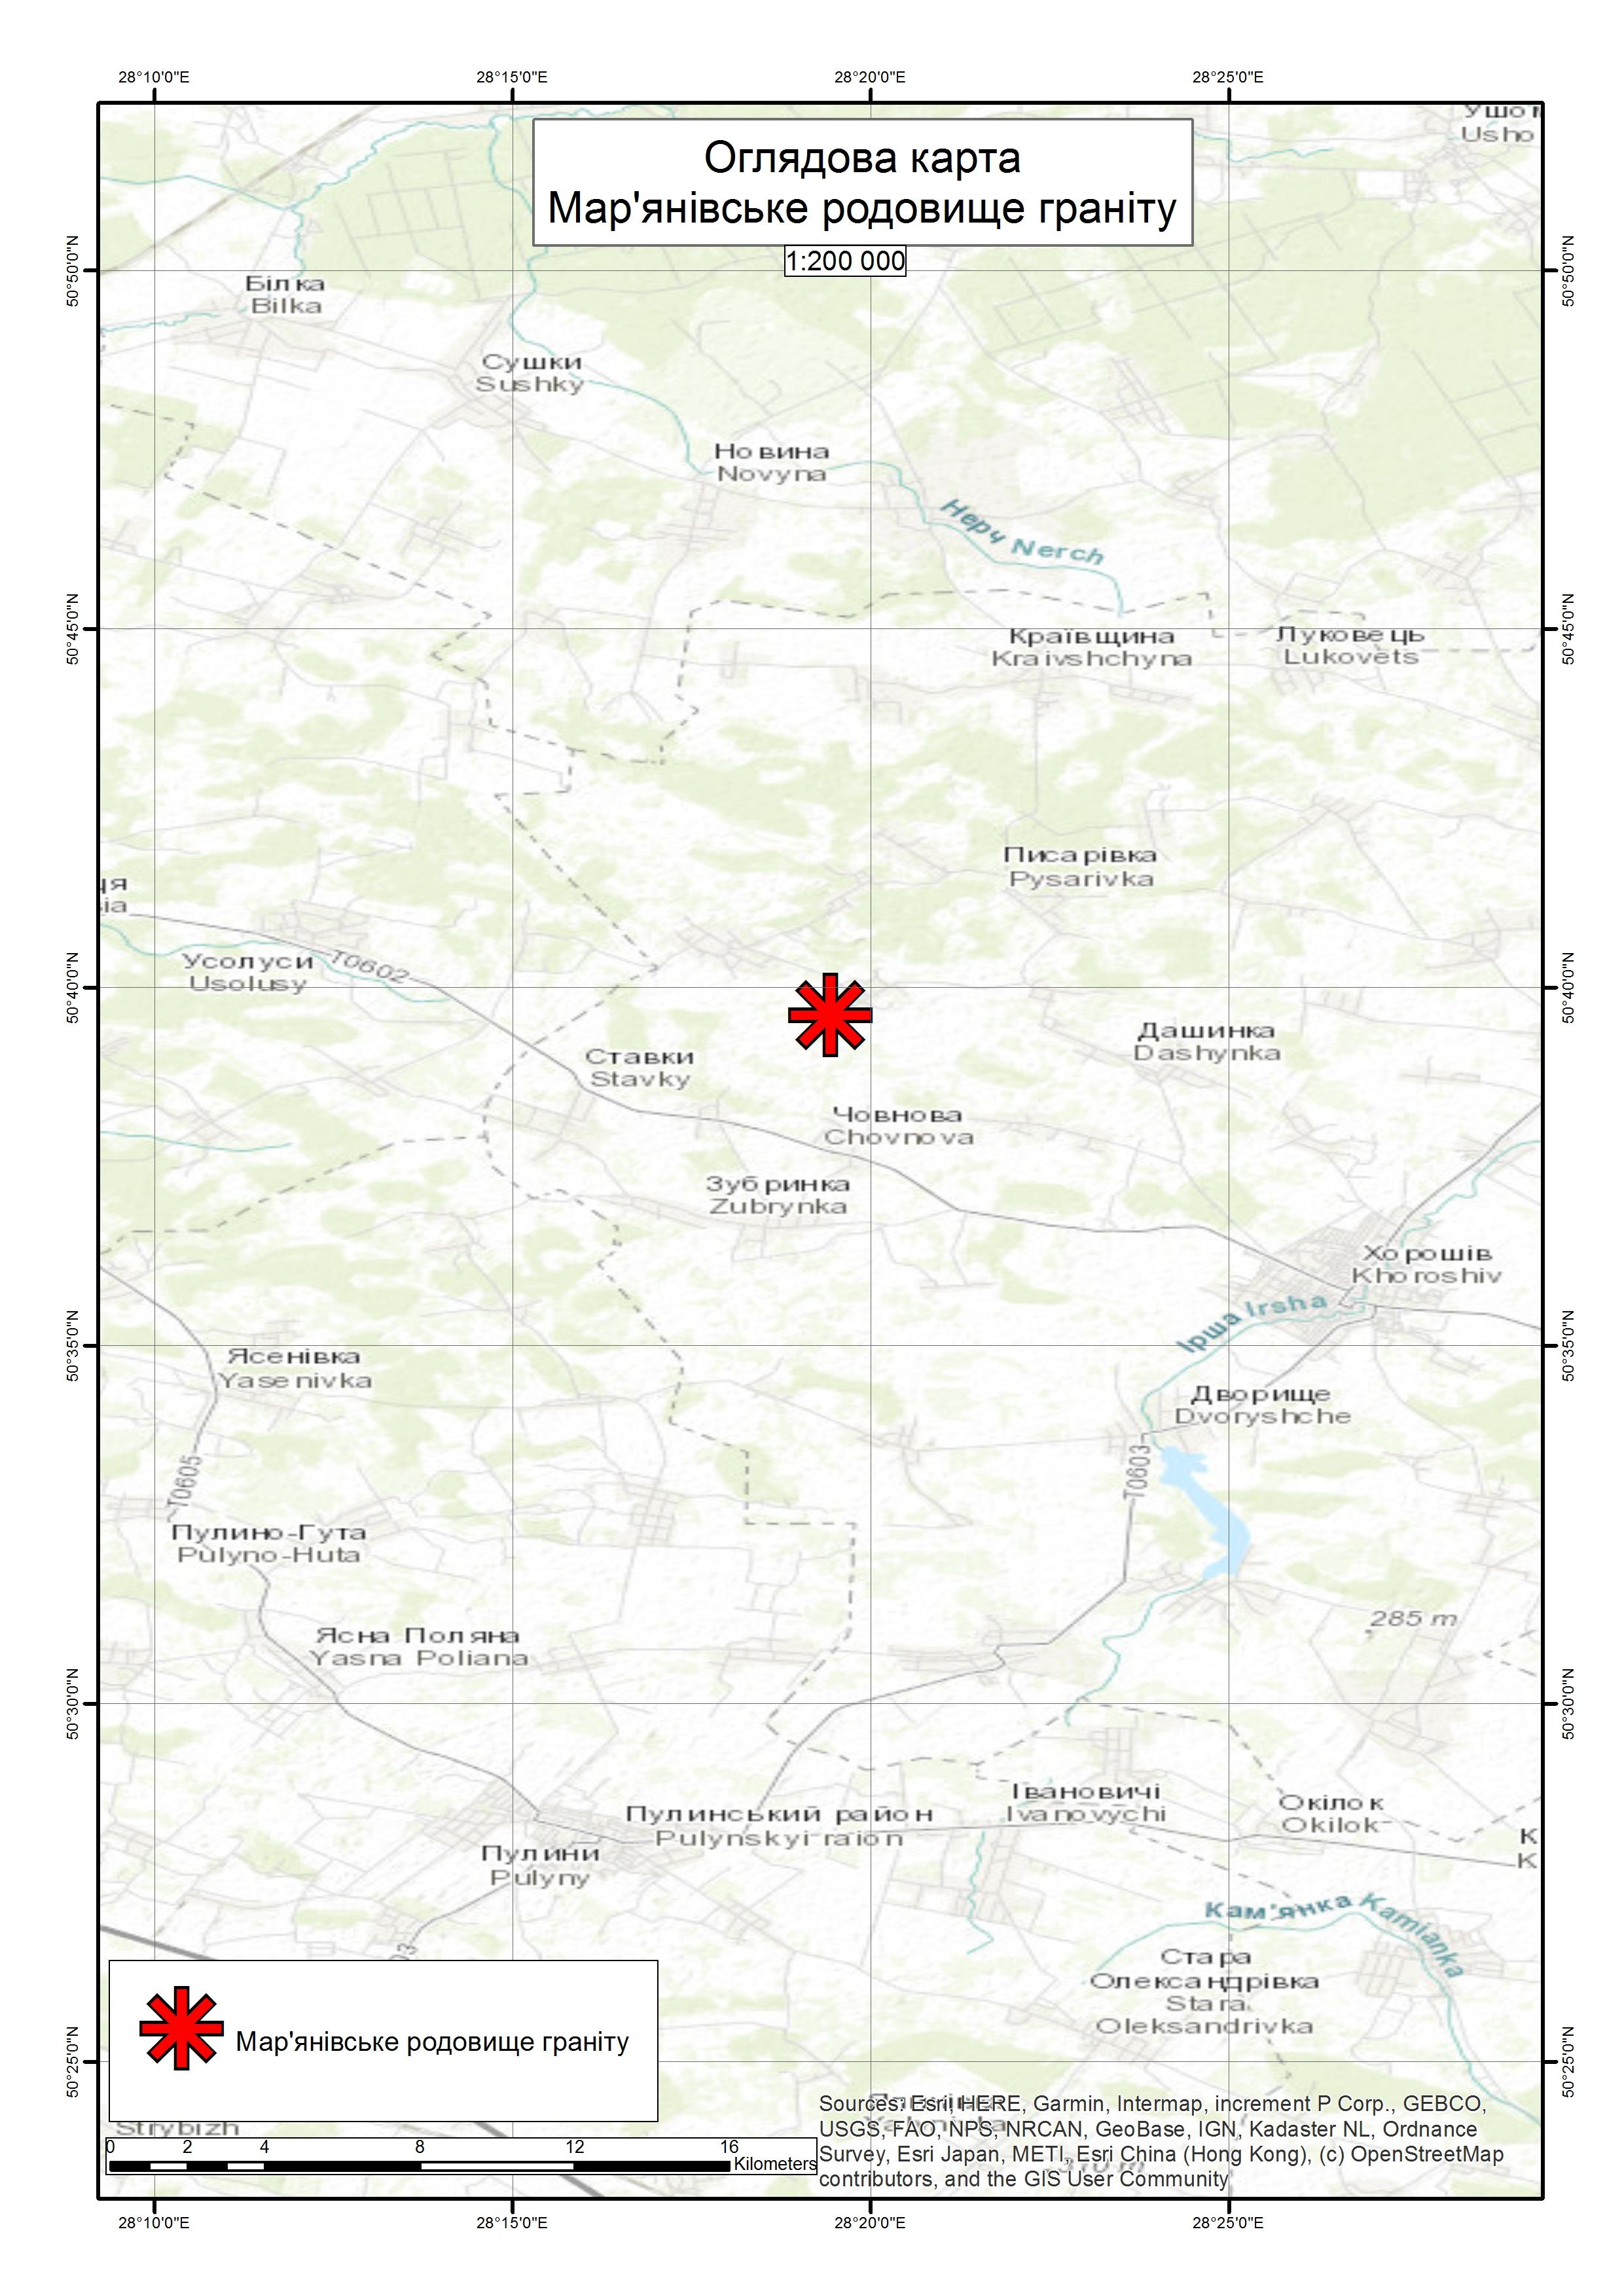 Спеціальний дозвіл на користування надрами – Мар'янівське родовище. Вартість геологічної інформації – 106 353,92 грн (з ПДВ). Вартість пакету аукціонної документації – 72 550 грн (з ПДВ).